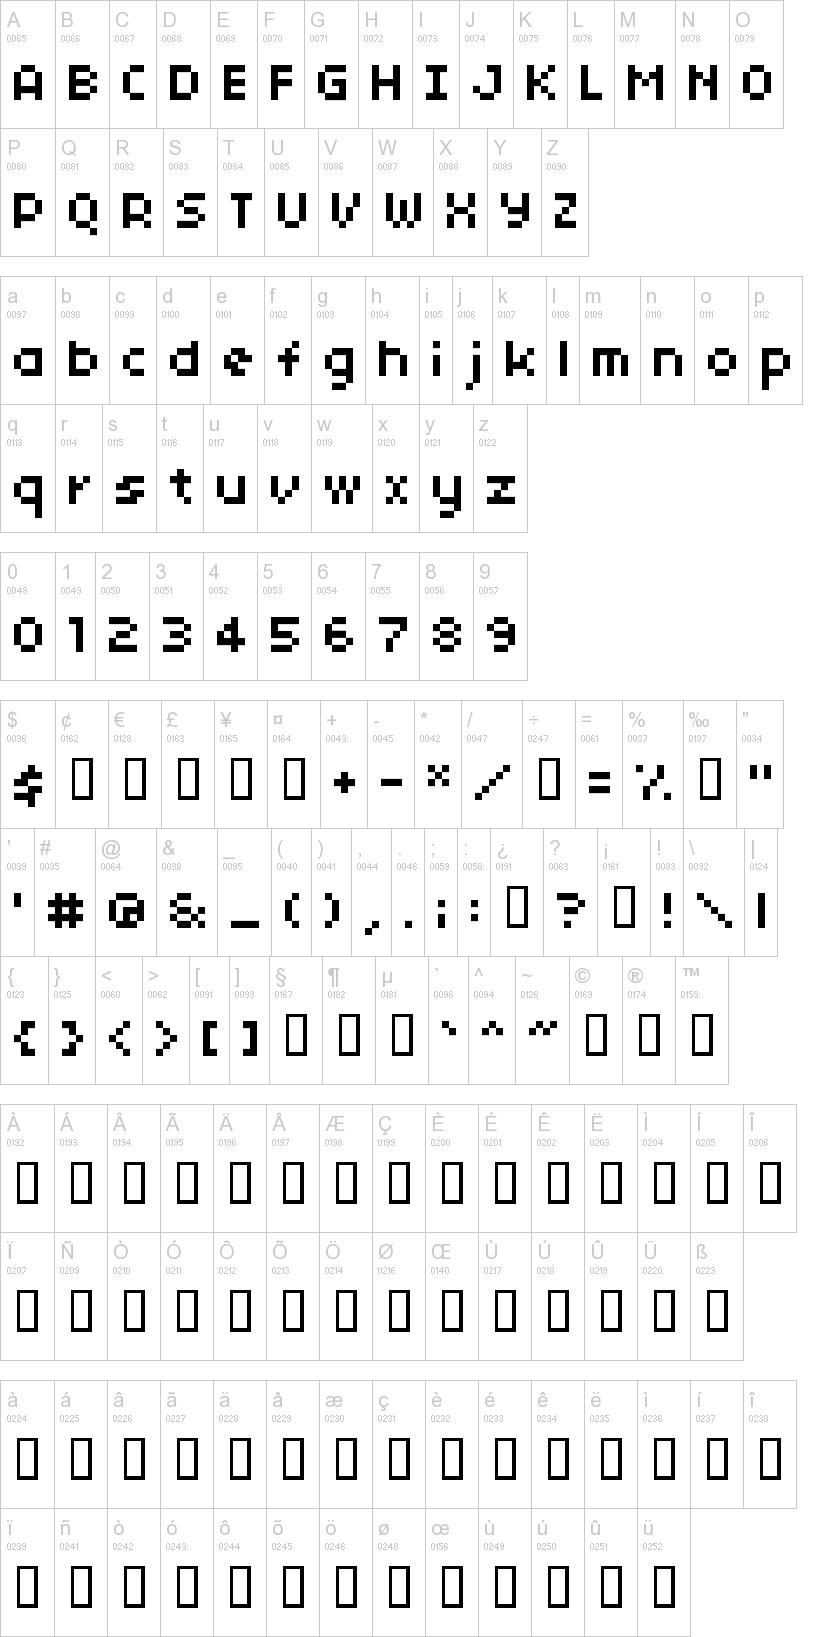 04b03b font